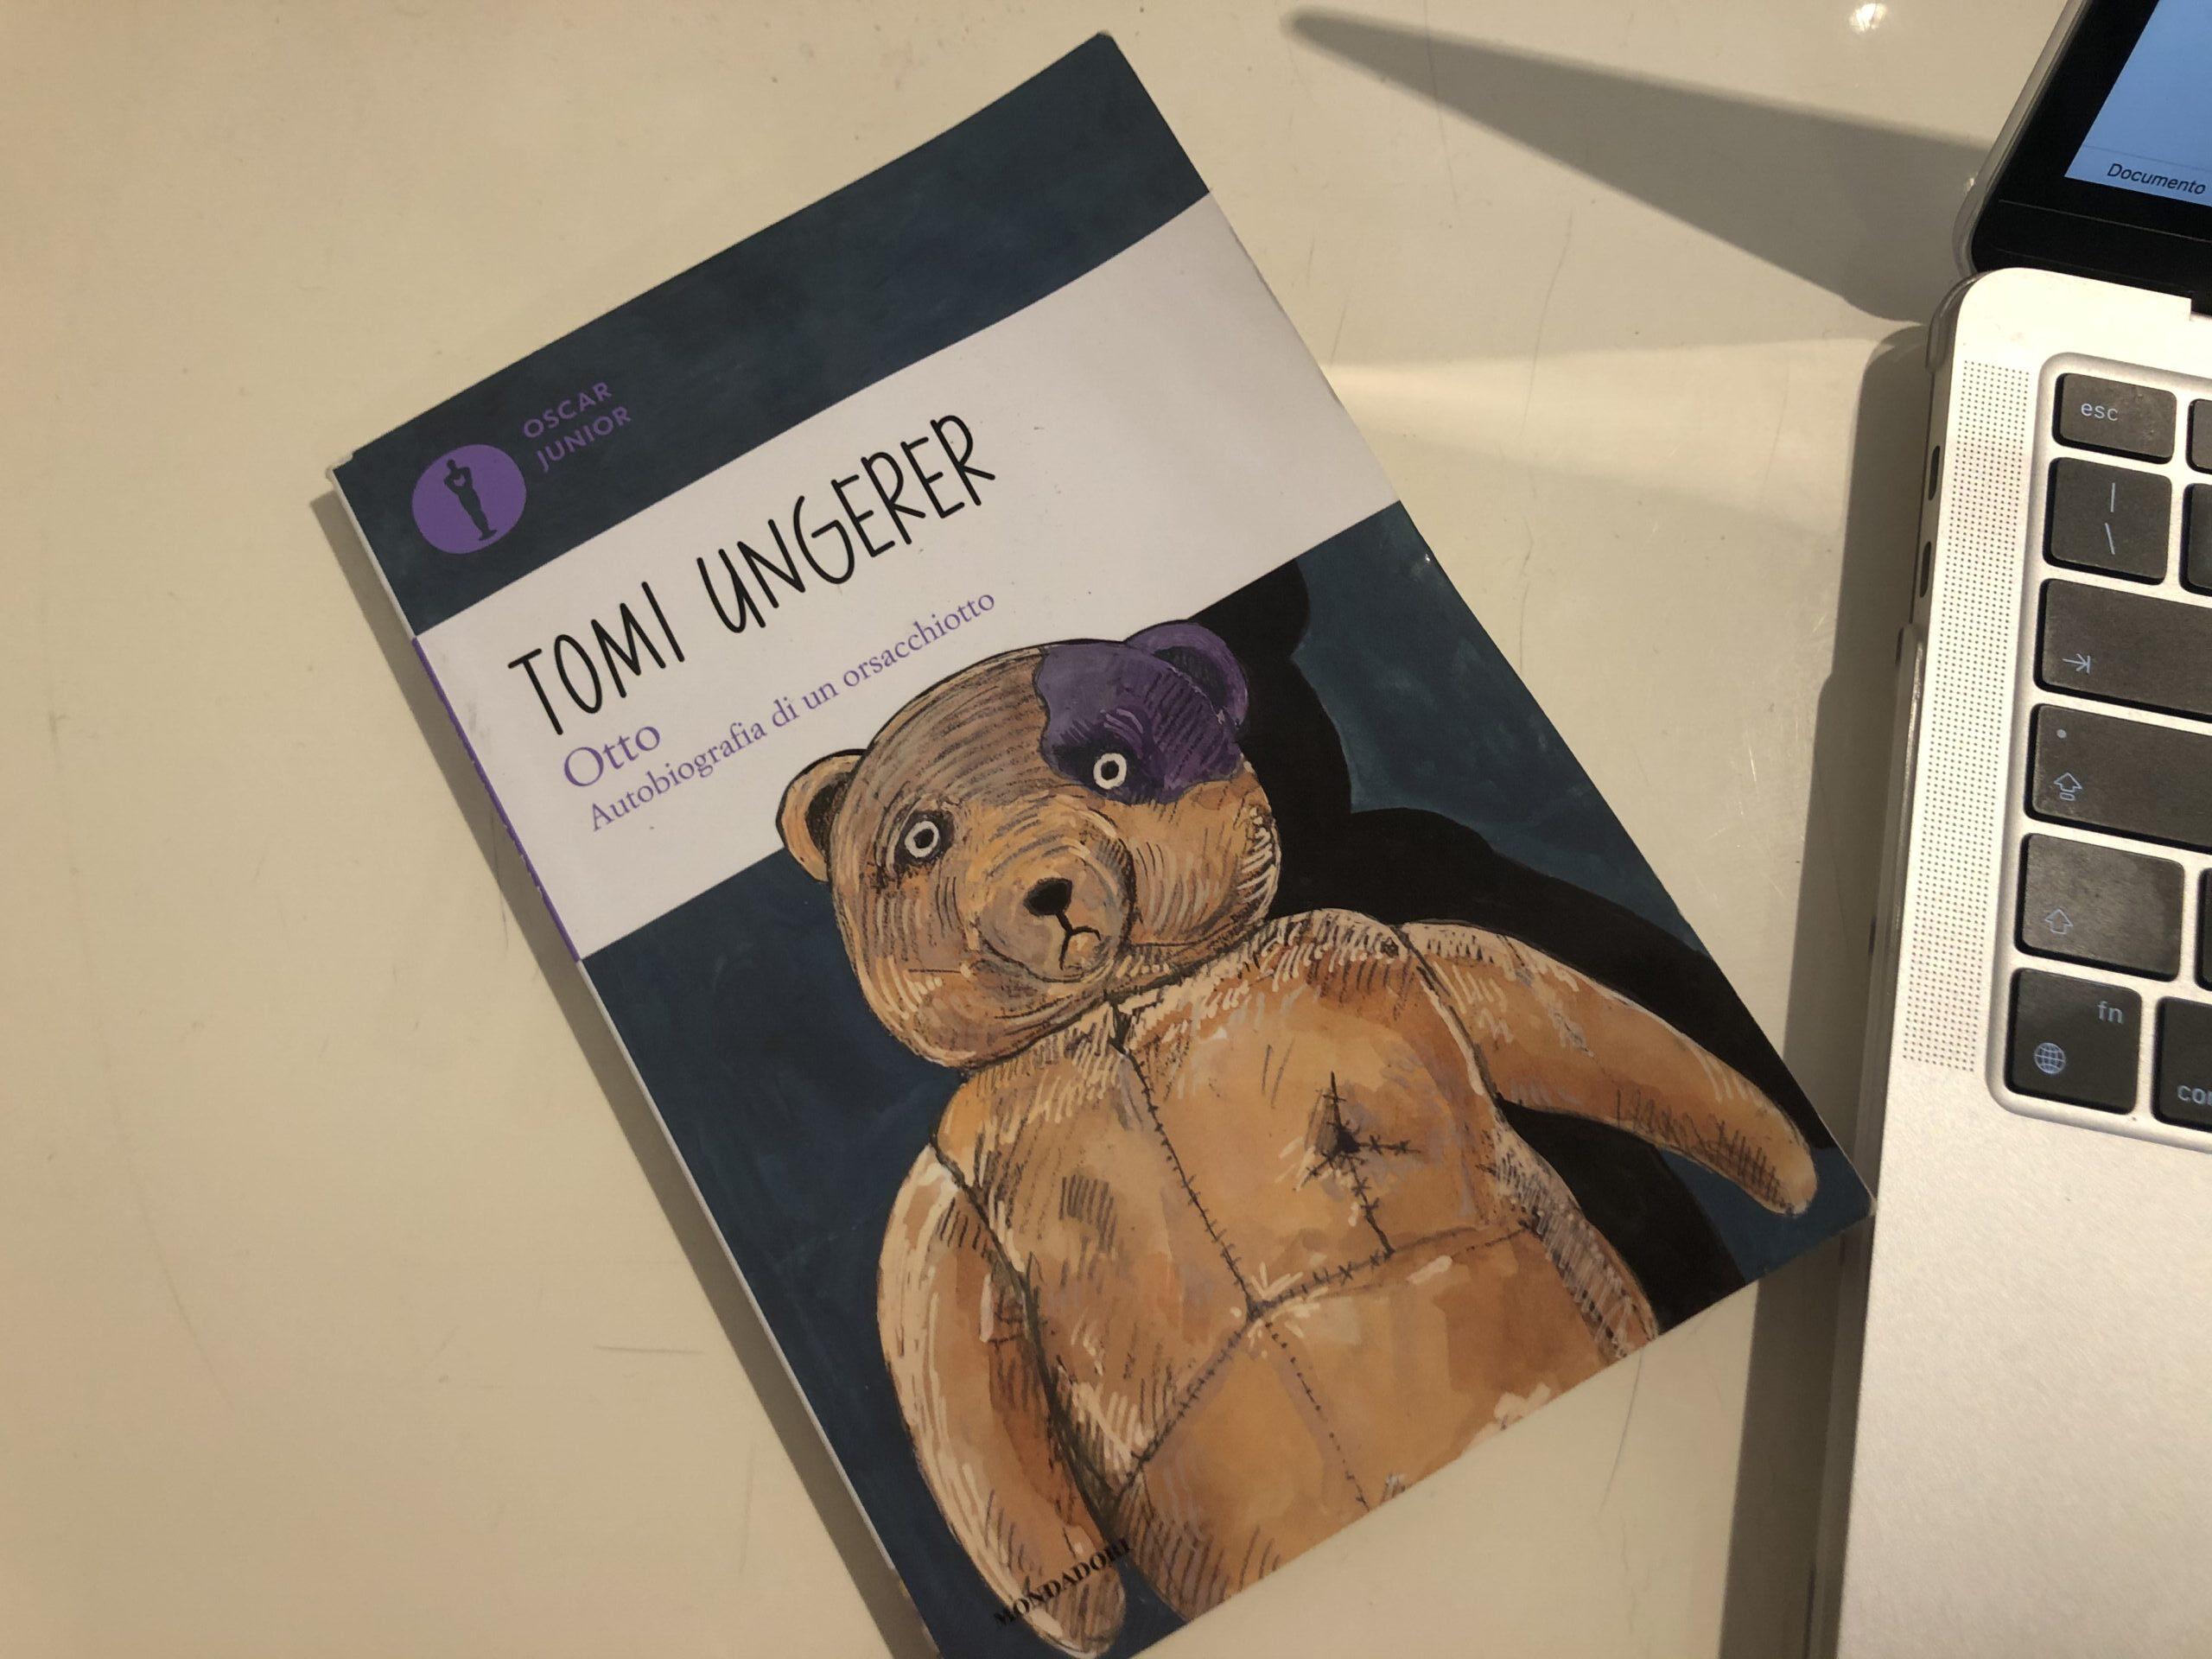 Otto, l'orsacchiotto di Ungerer e la memoria